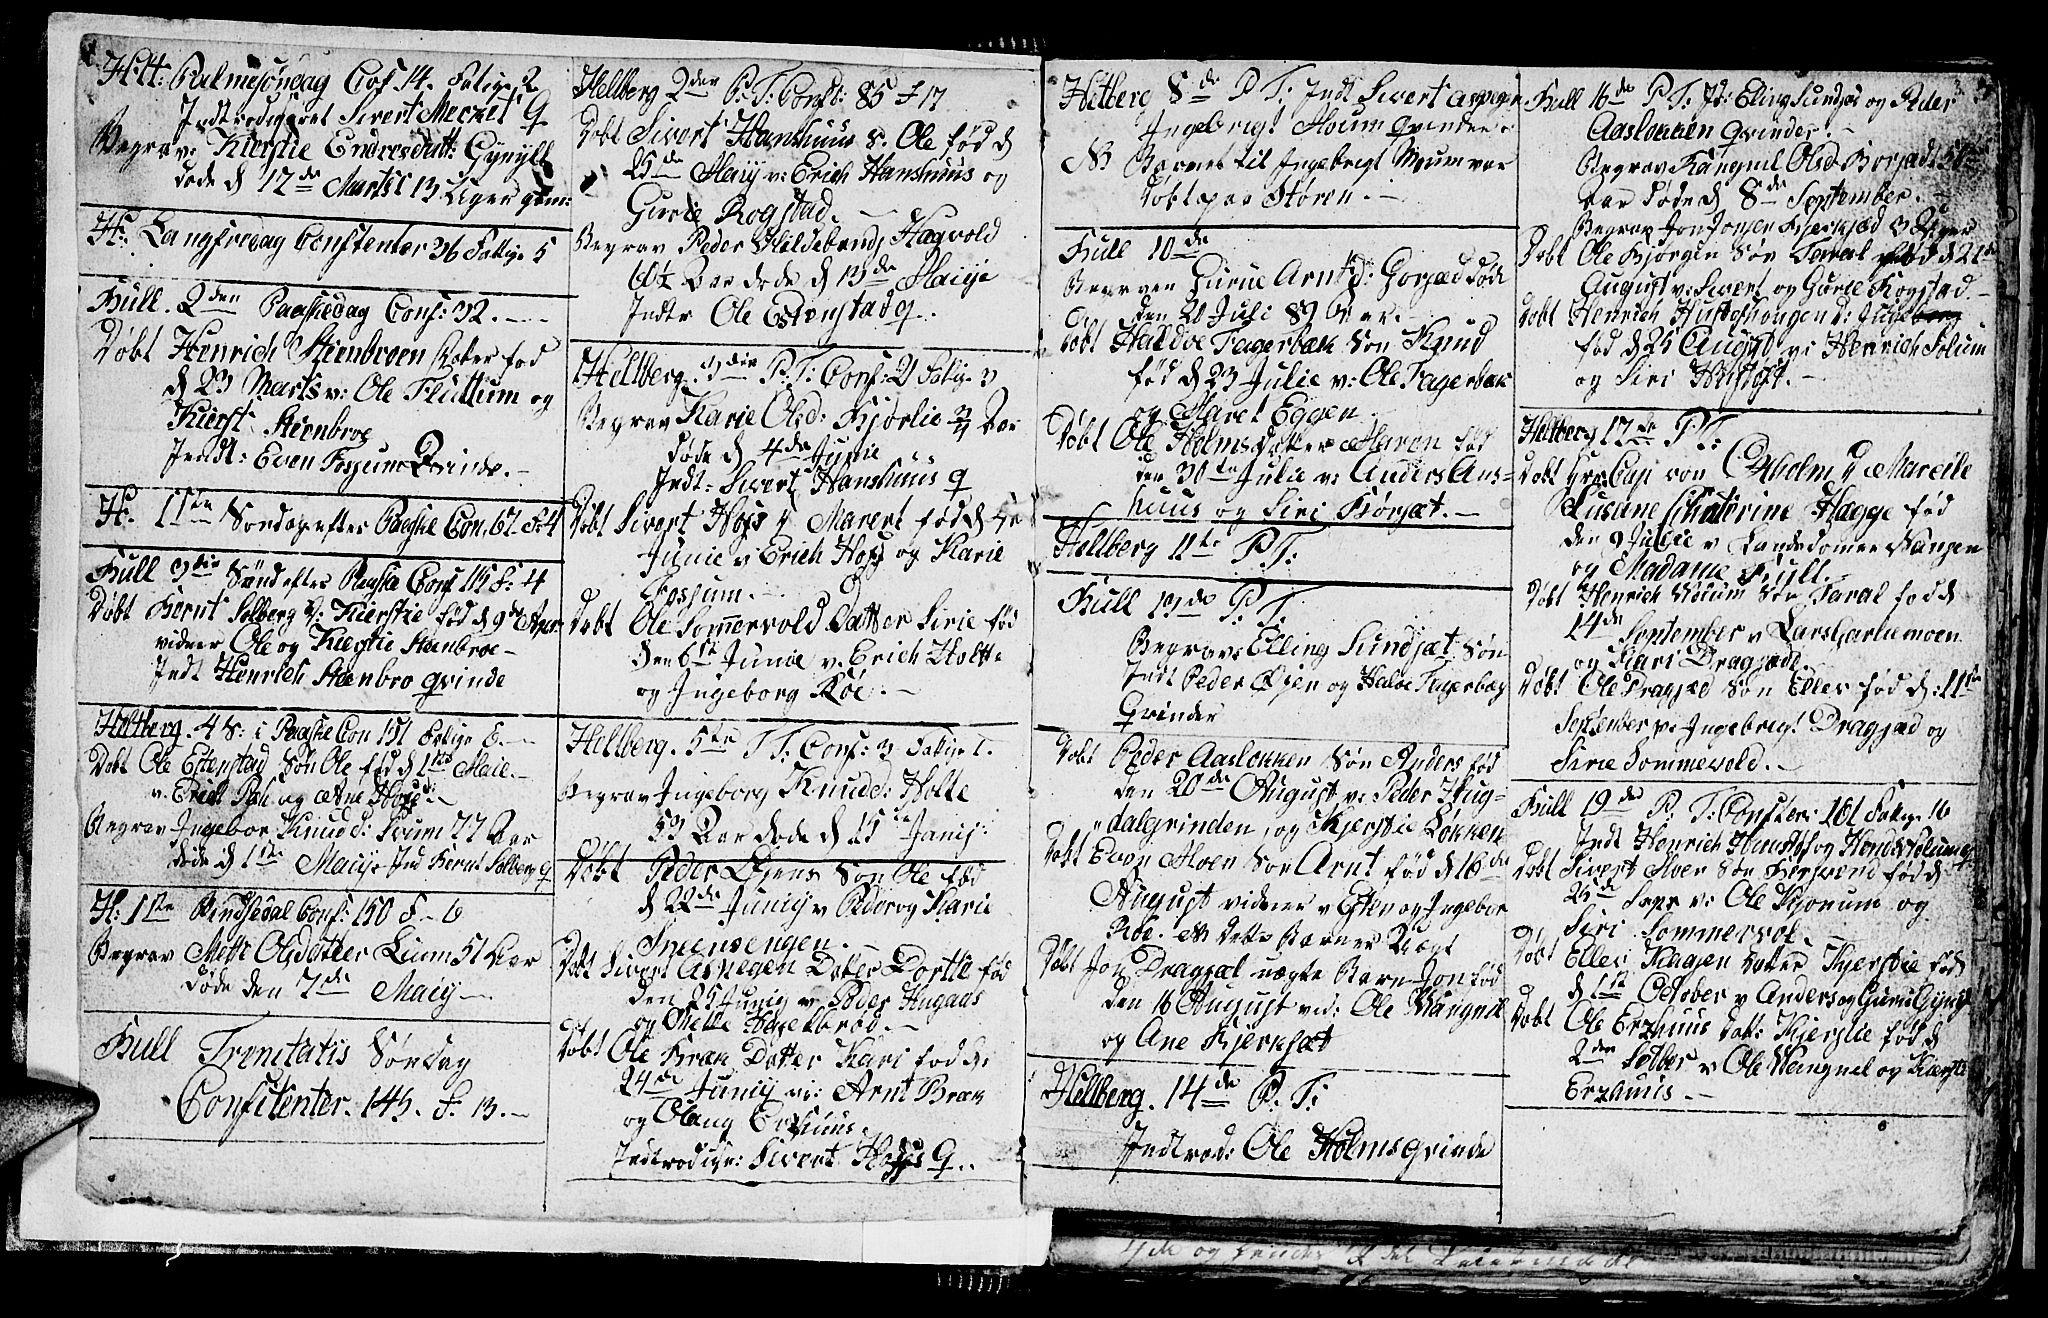 SAT, Ministerialprotokoller, klokkerbøker og fødselsregistre - Sør-Trøndelag, 689/L1042: Klokkerbok nr. 689C01, 1812-1841, s. 2-3